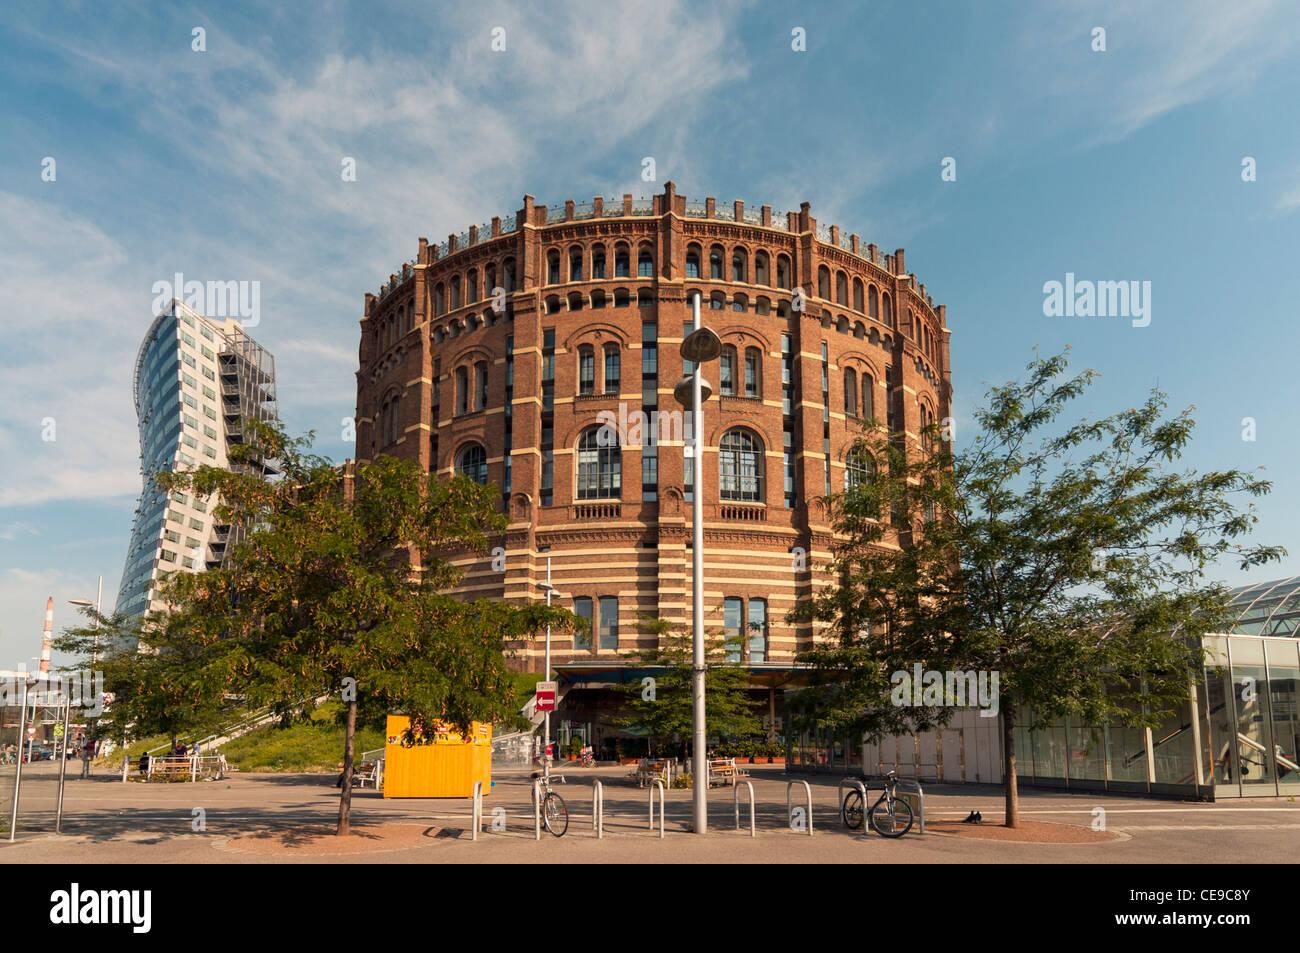 Gasometer Building with Annex, Simmering, Vienna (Wien), Austria - Stock Image